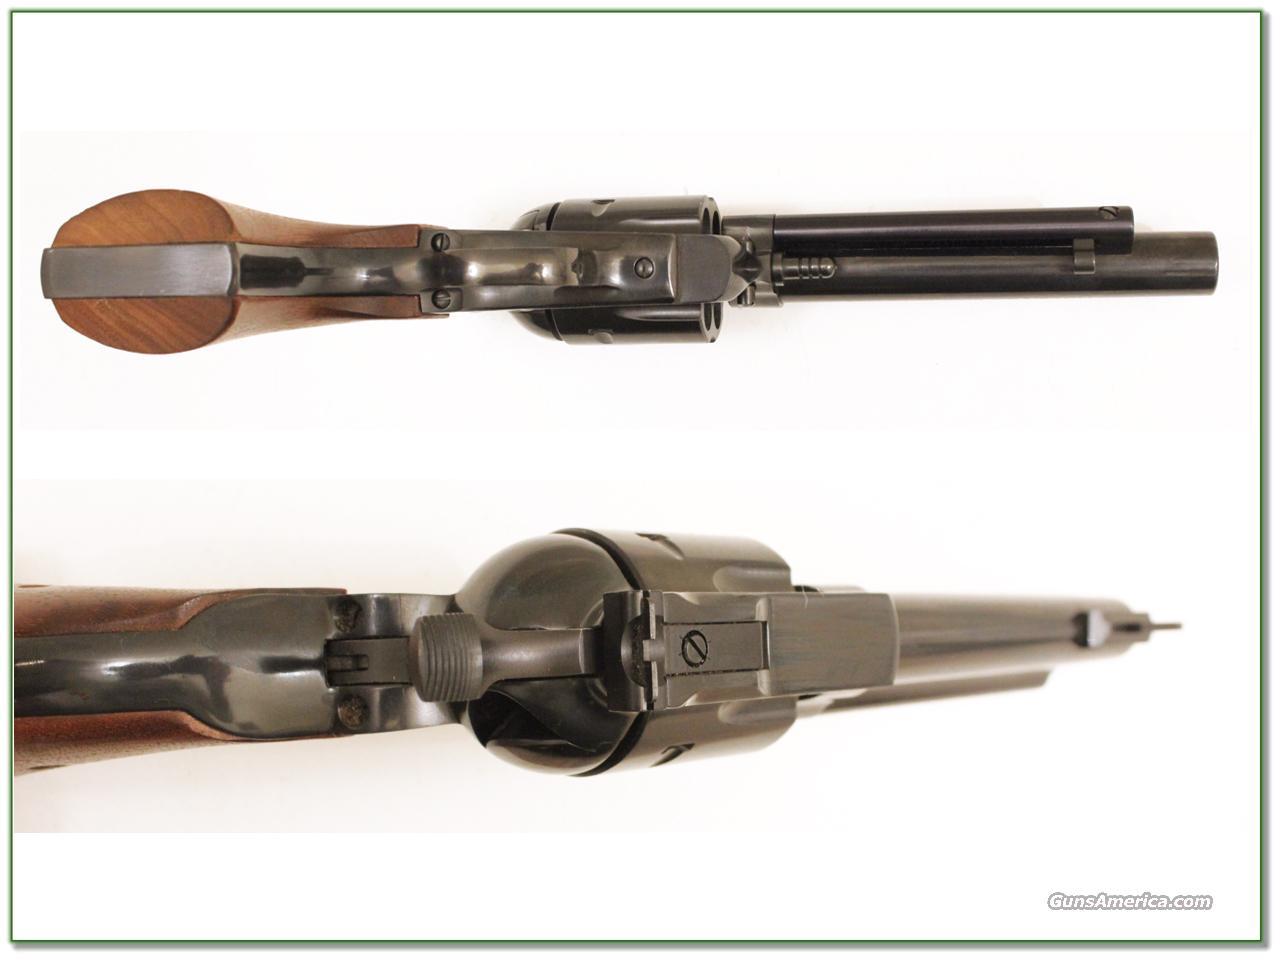 Magnum Insurance Near Me >> Ruger Super Blackhawk 44 Magnum Blue 7.5in for sale